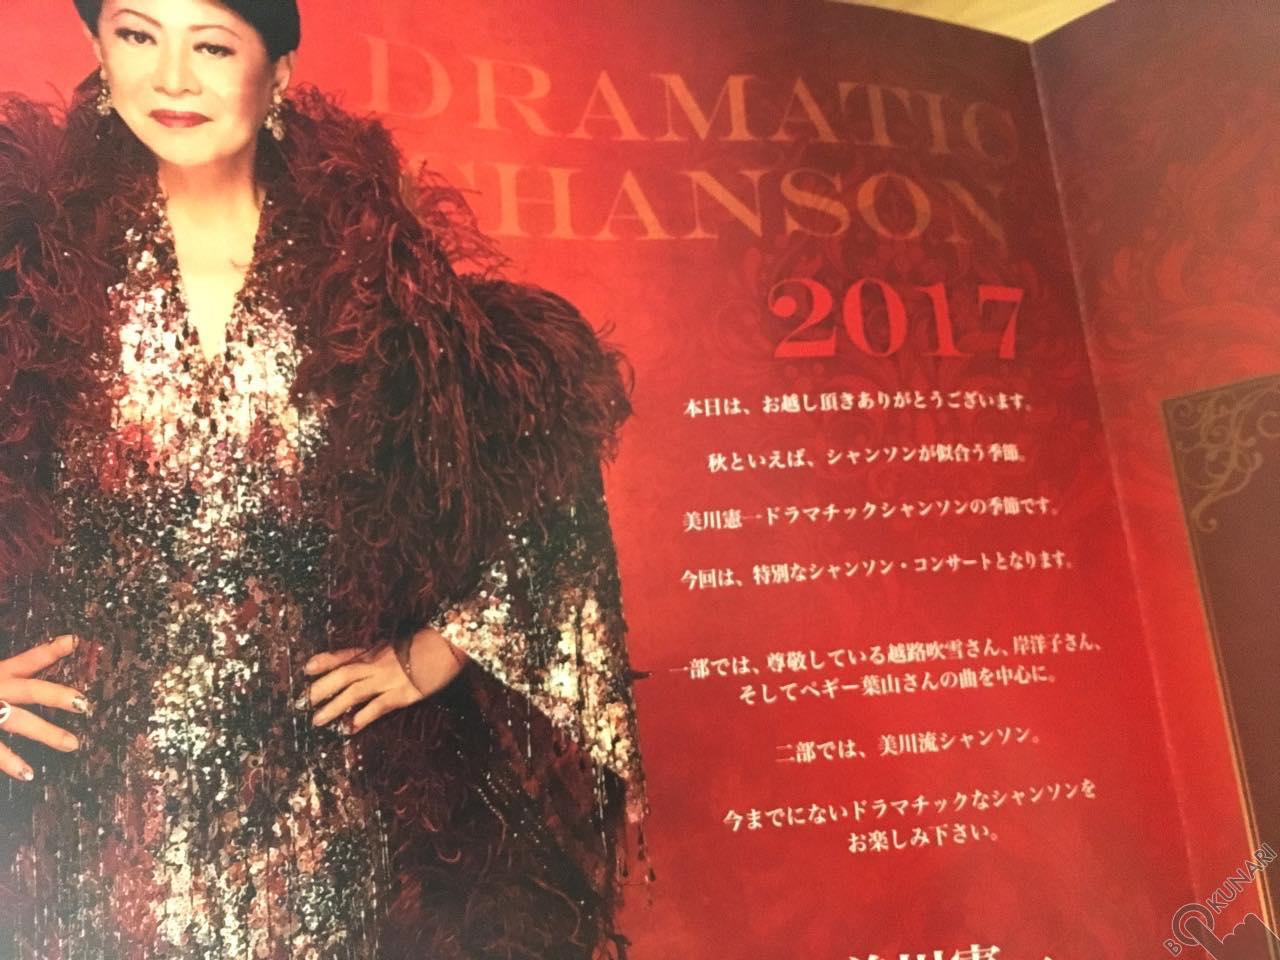 美川憲一さんのシャンソンコンサートは世間のイメージする『ミカワさん』とひと味ちがった魅力があることを、そっくりさん歴20年以上のそのまんま美川がお伝えします。